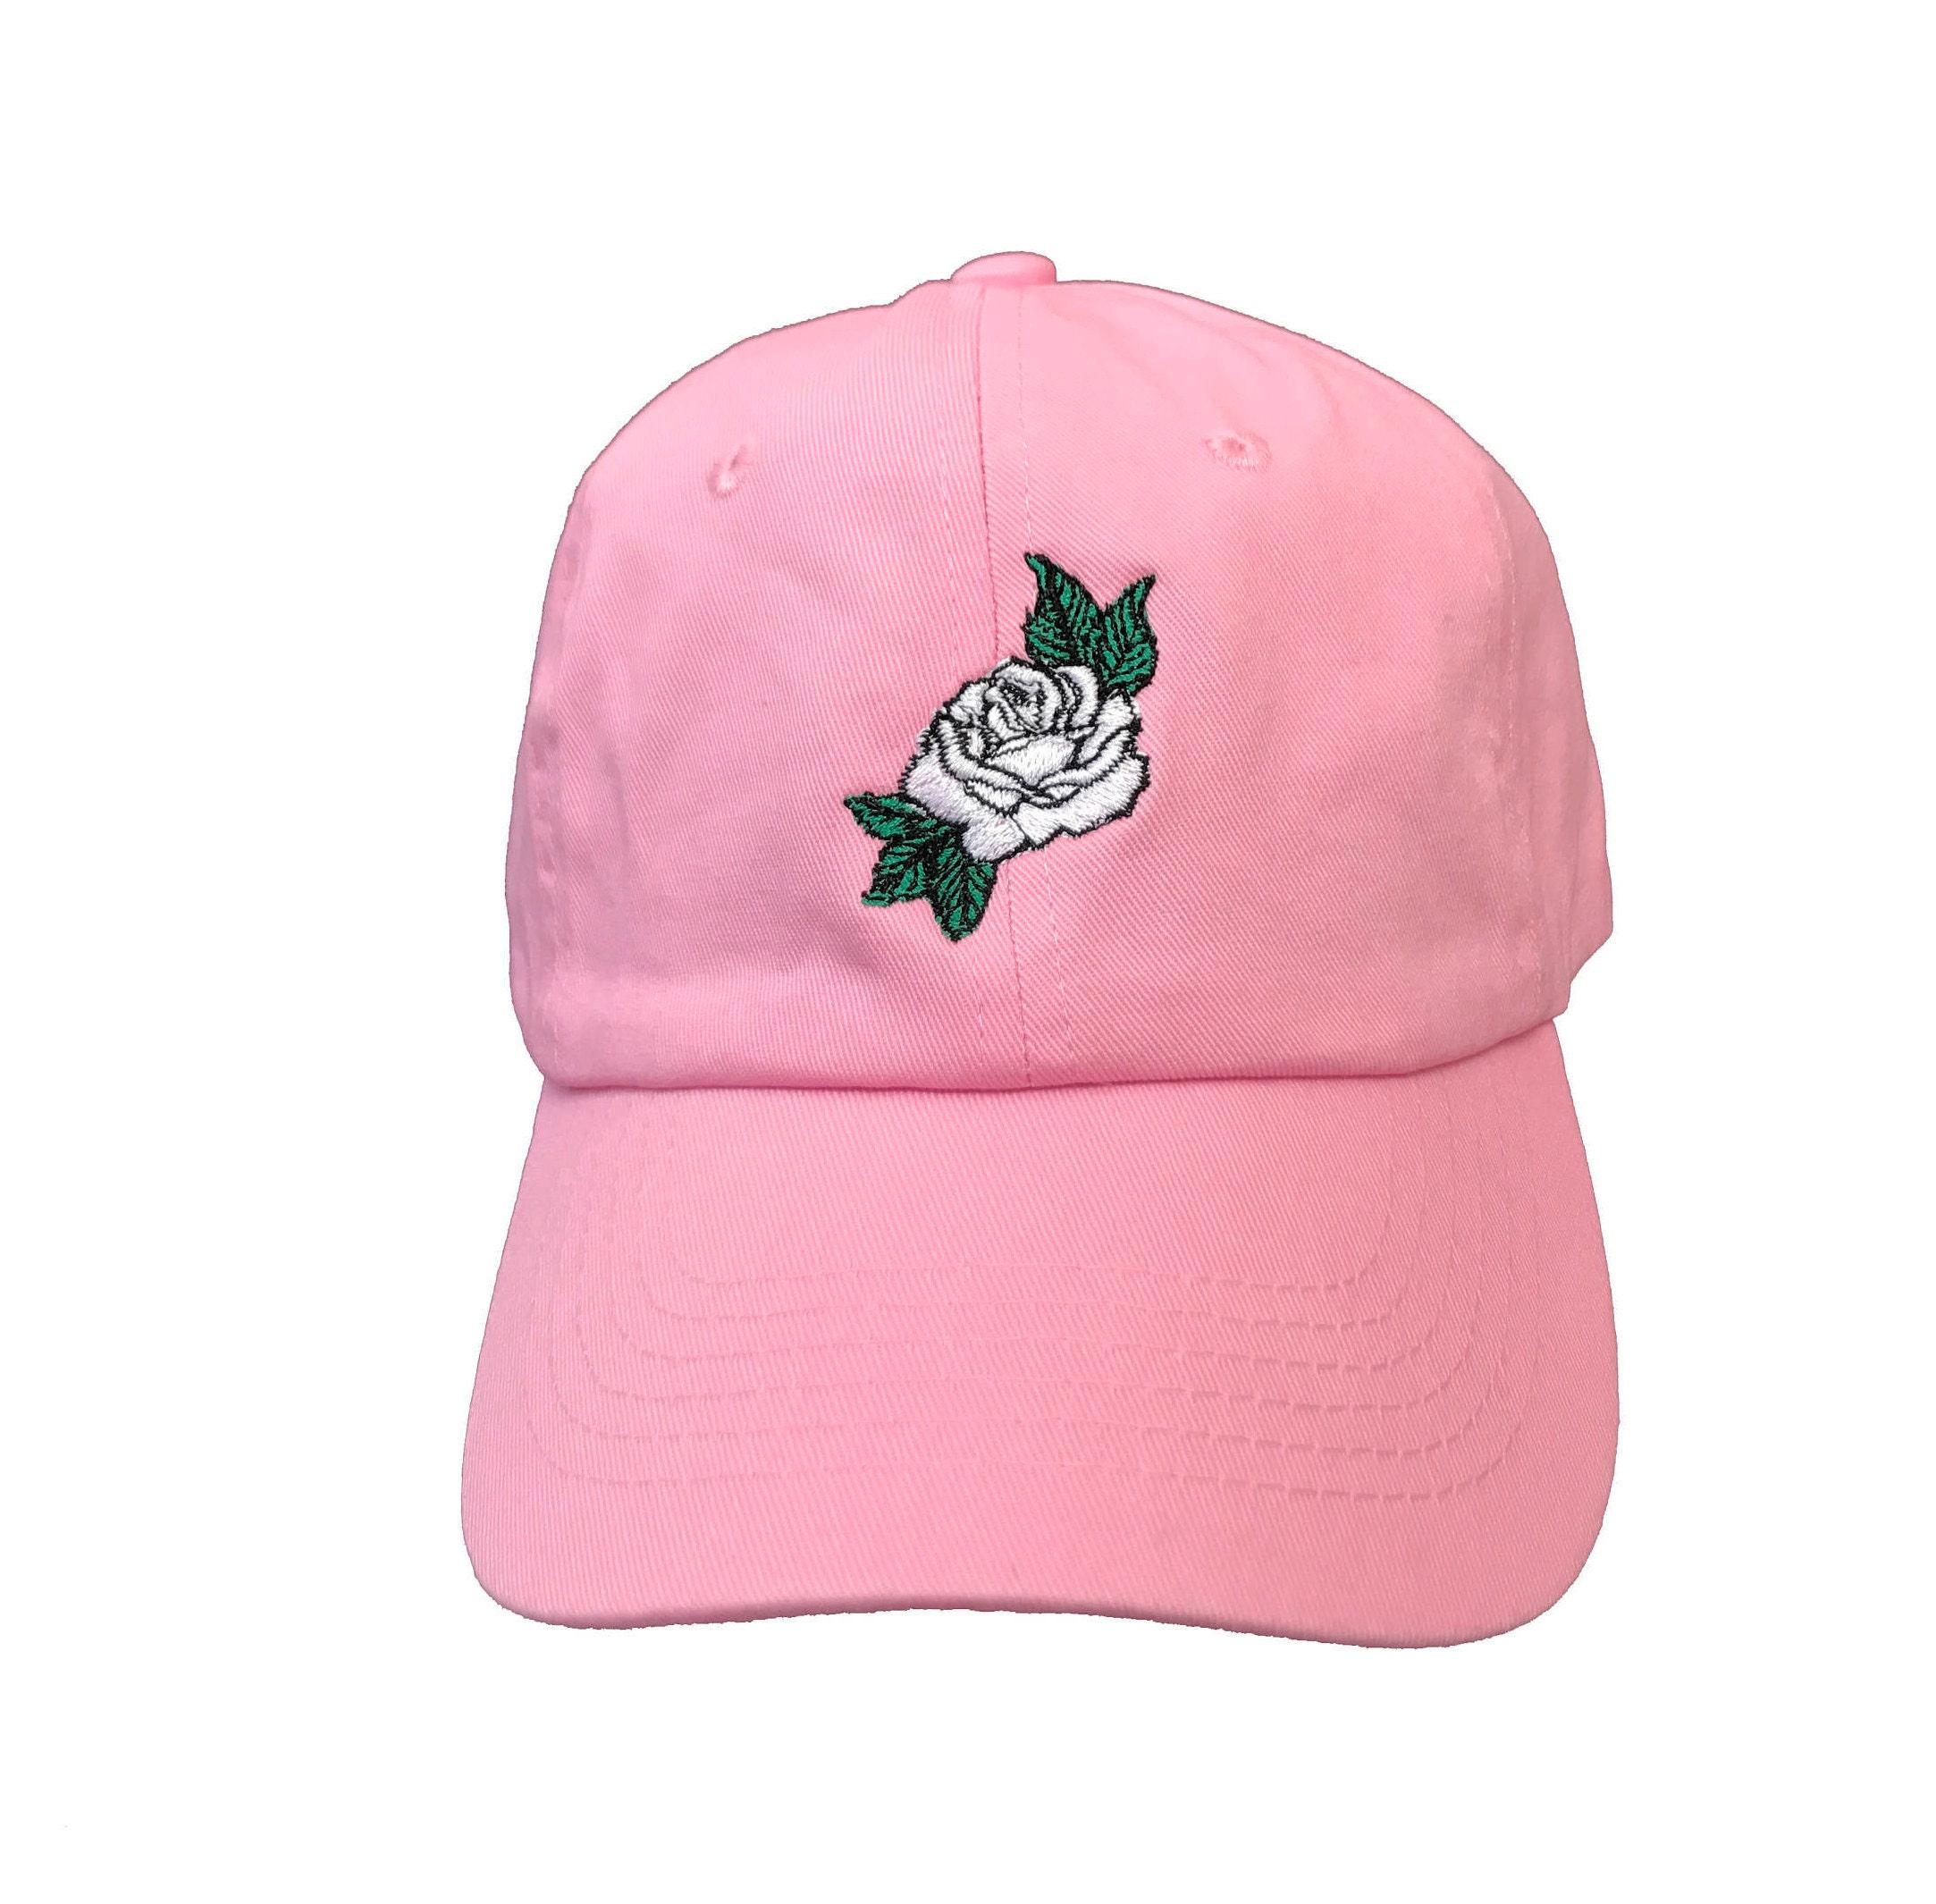 White Rose Dad Hat Pink Baseball Cap Custom Dad Hats Low  874114803db